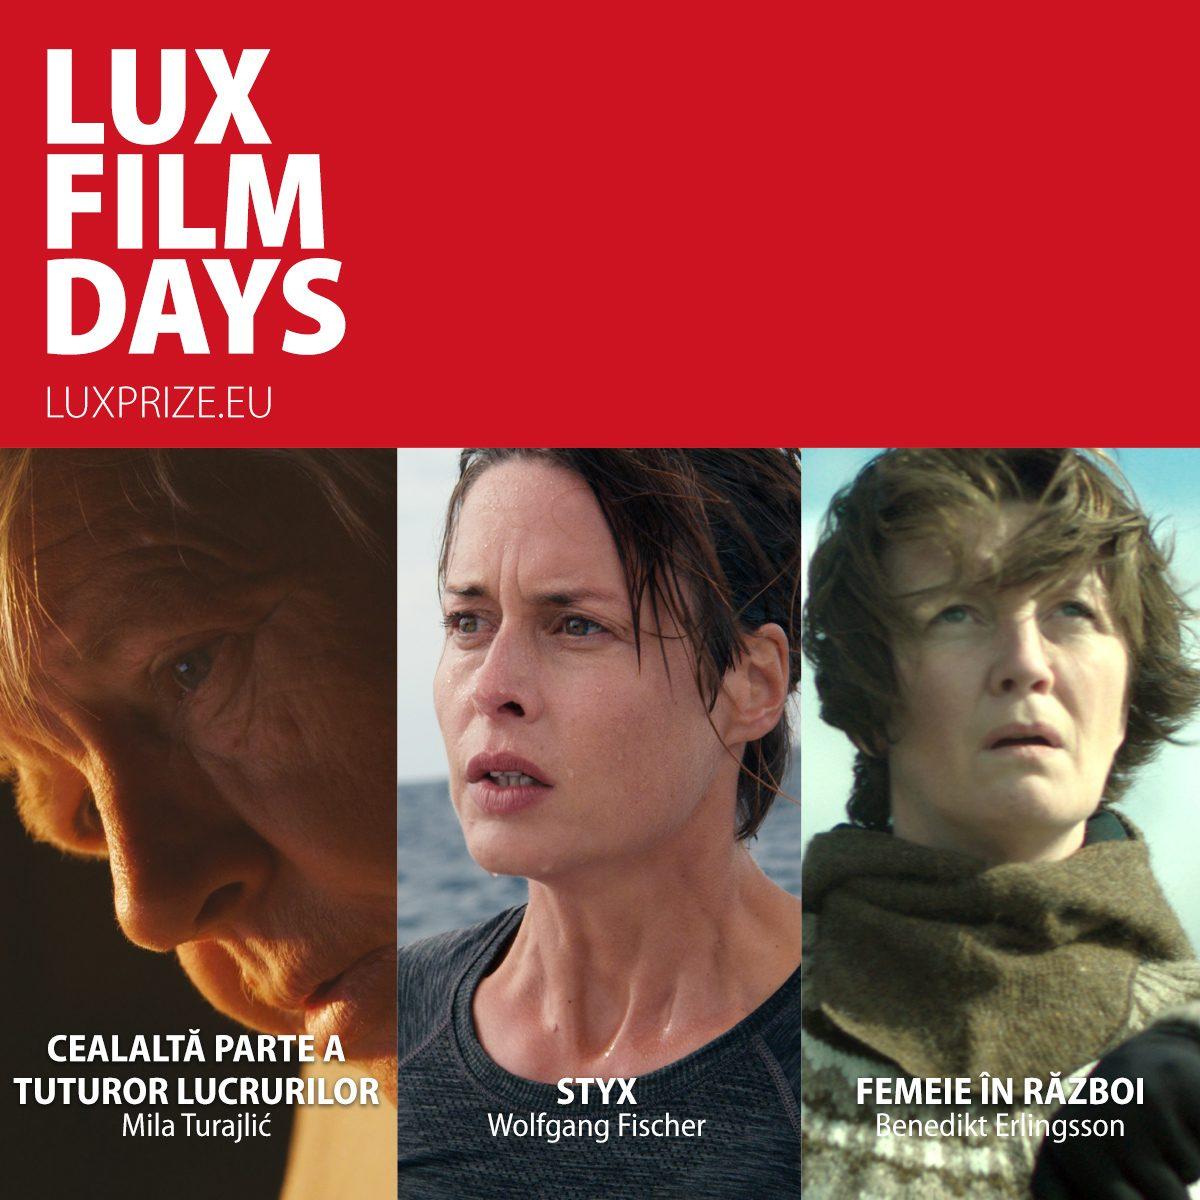 Zilele Filmului LUX 2018 sau cinematografia ca lingua franca